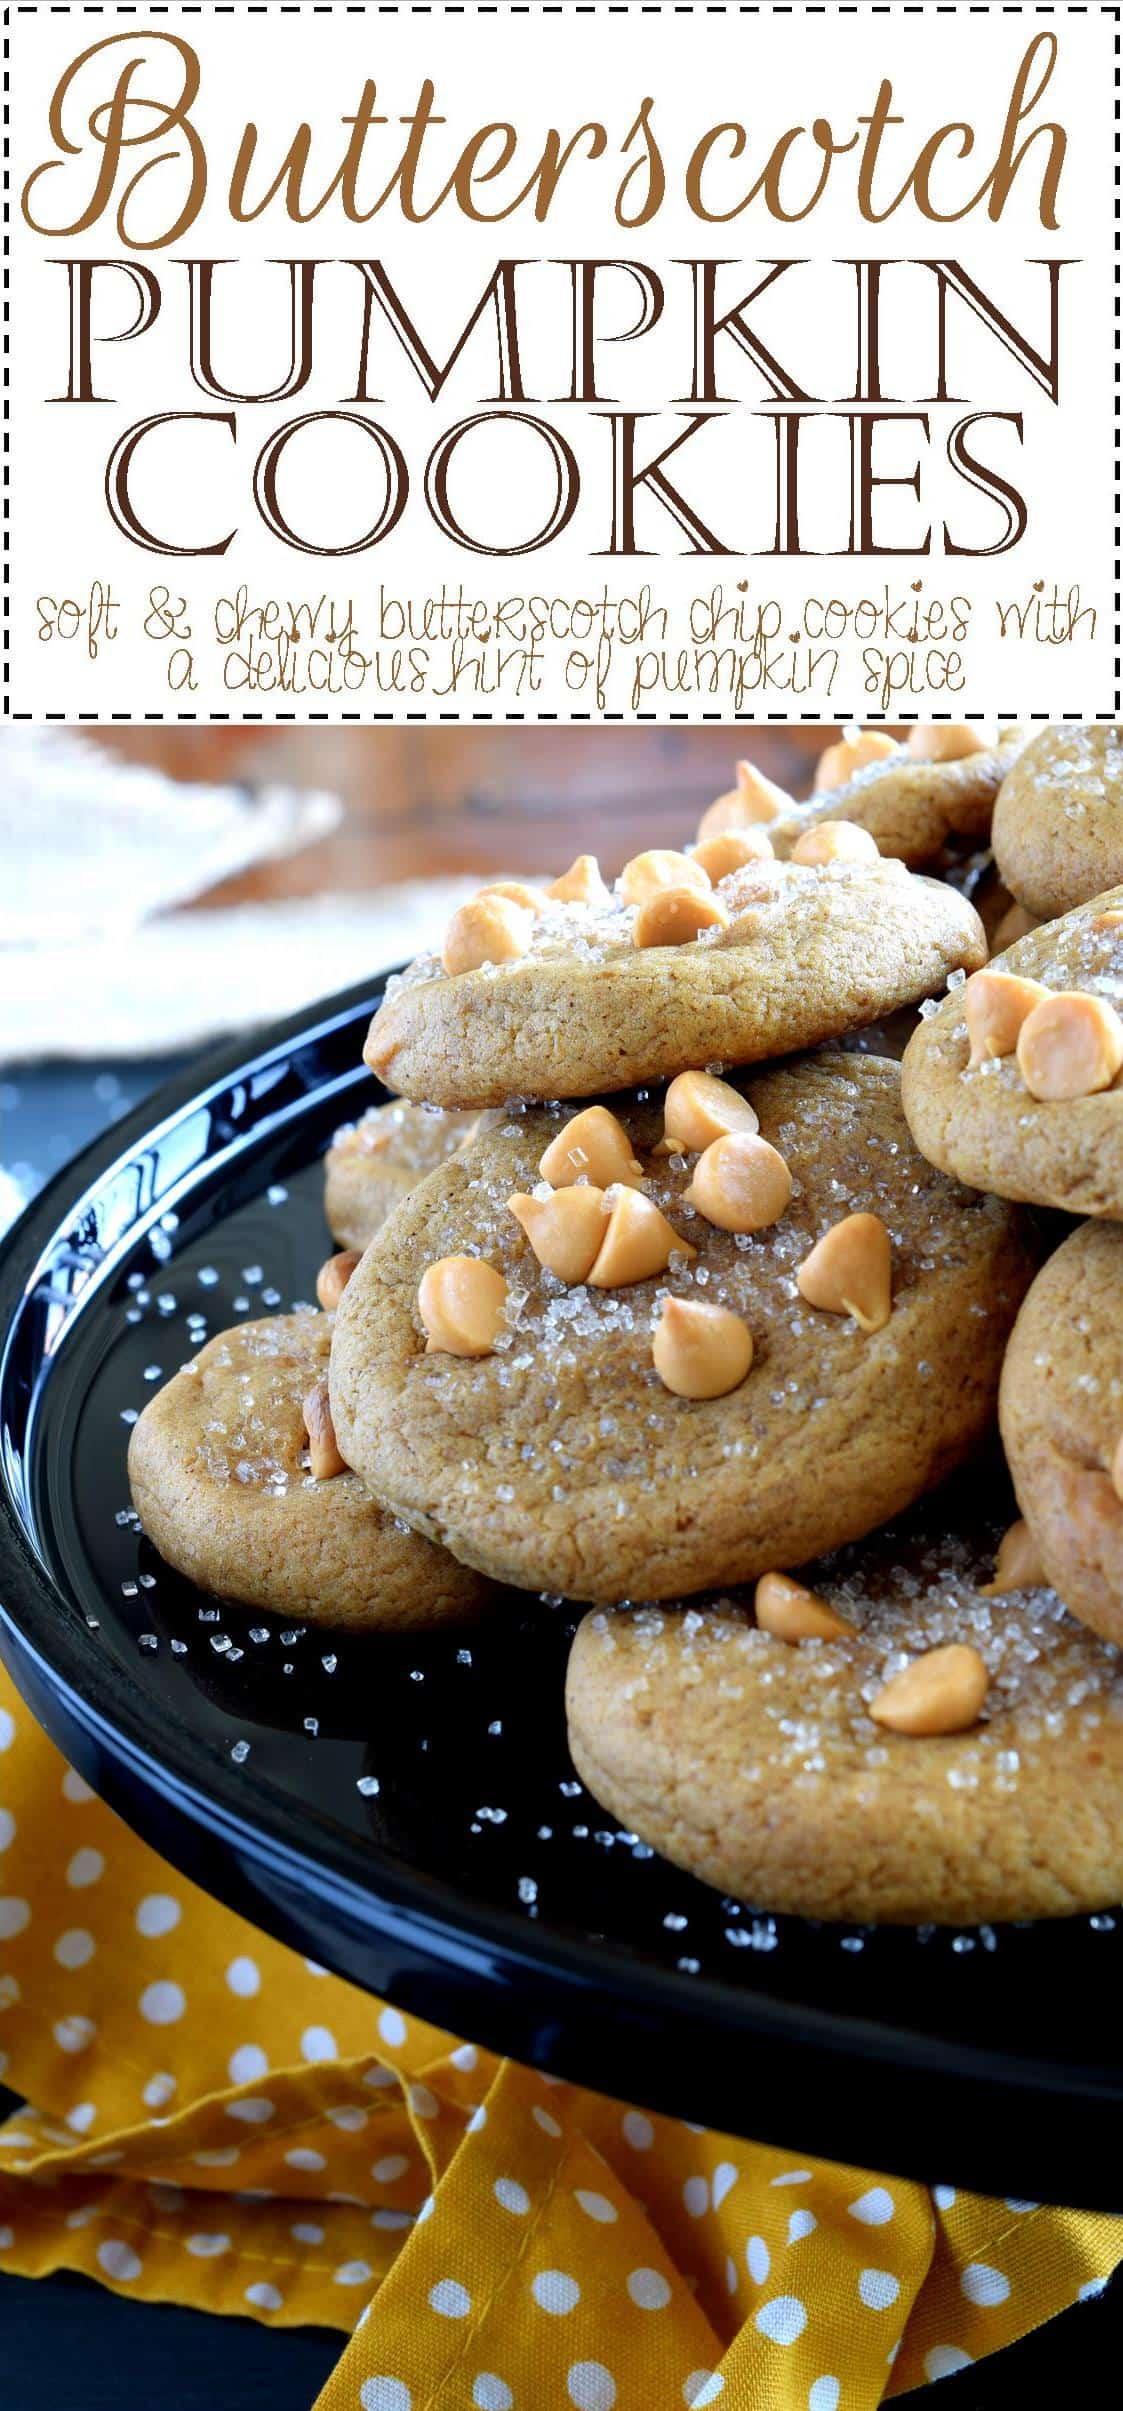 Butterscotch Pumpkin Cookies